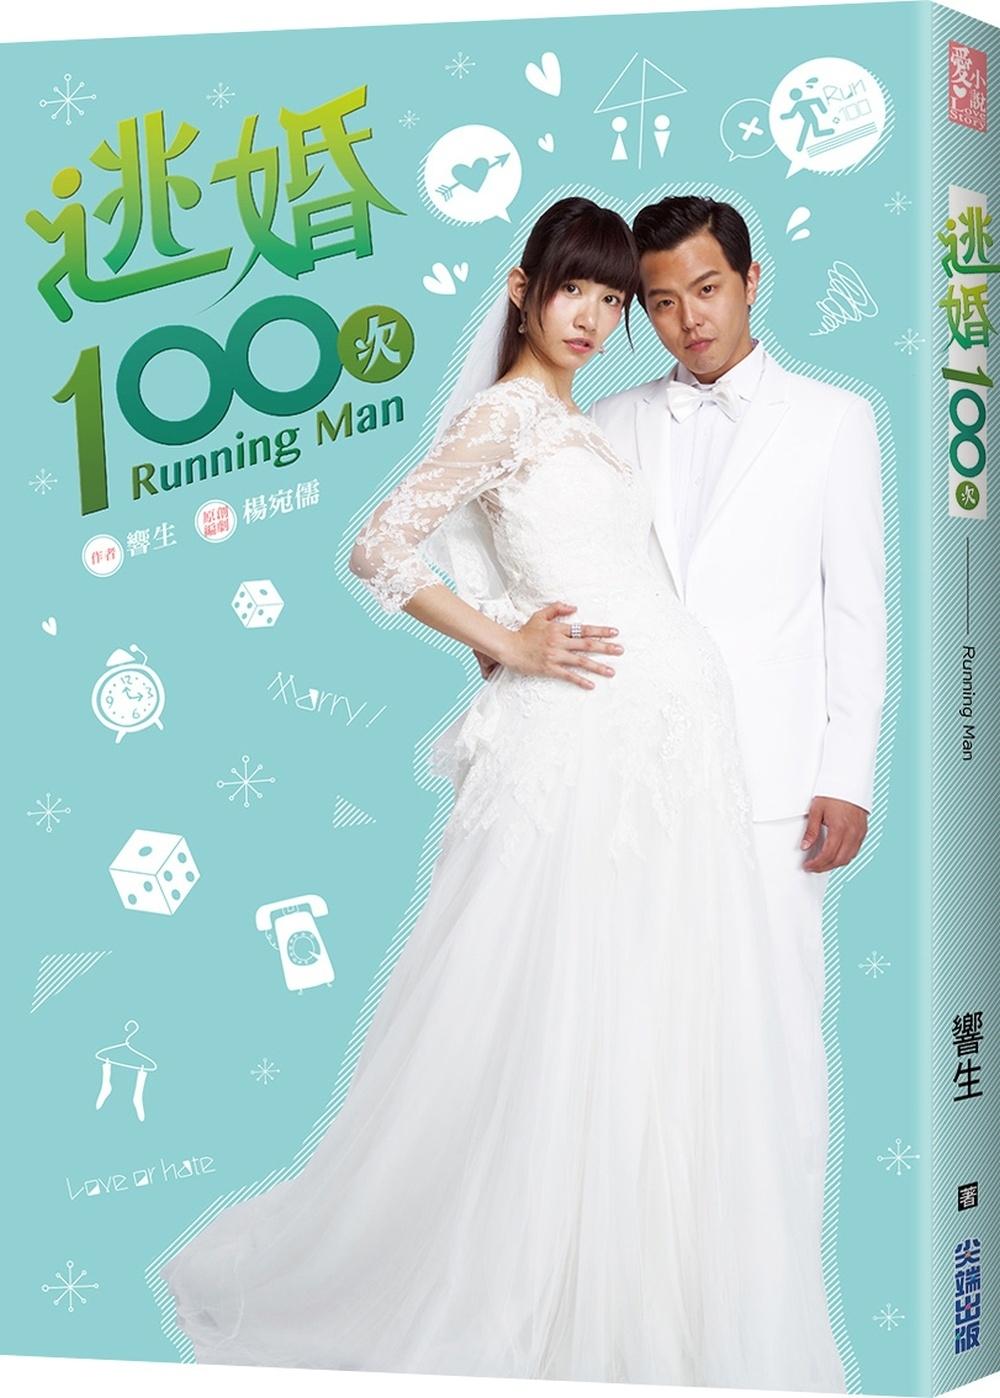 《逃婚100次 演員限量簽名版》 商品條碼,ISBN:9789571077185